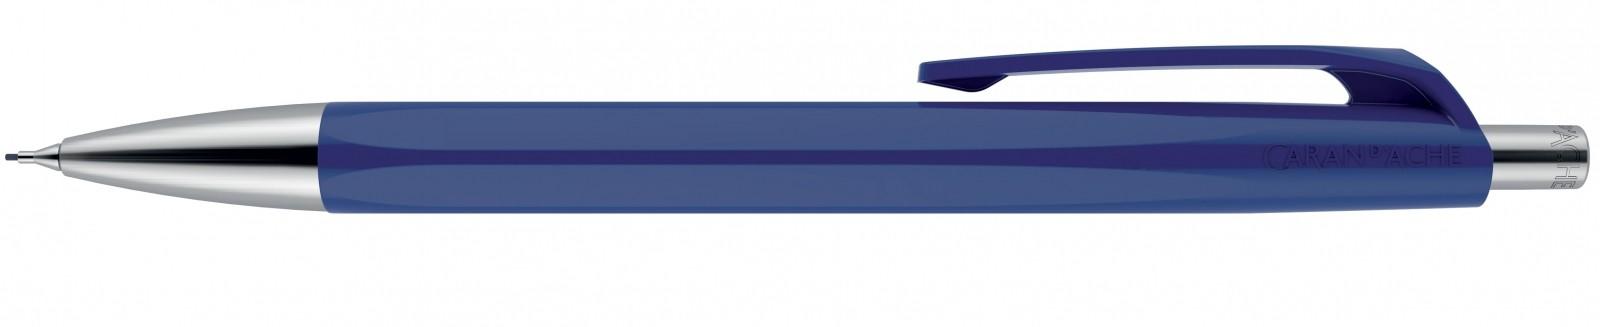 LAPISEIRA 0,7mm 884.149 INFINITE AZUL NOITE